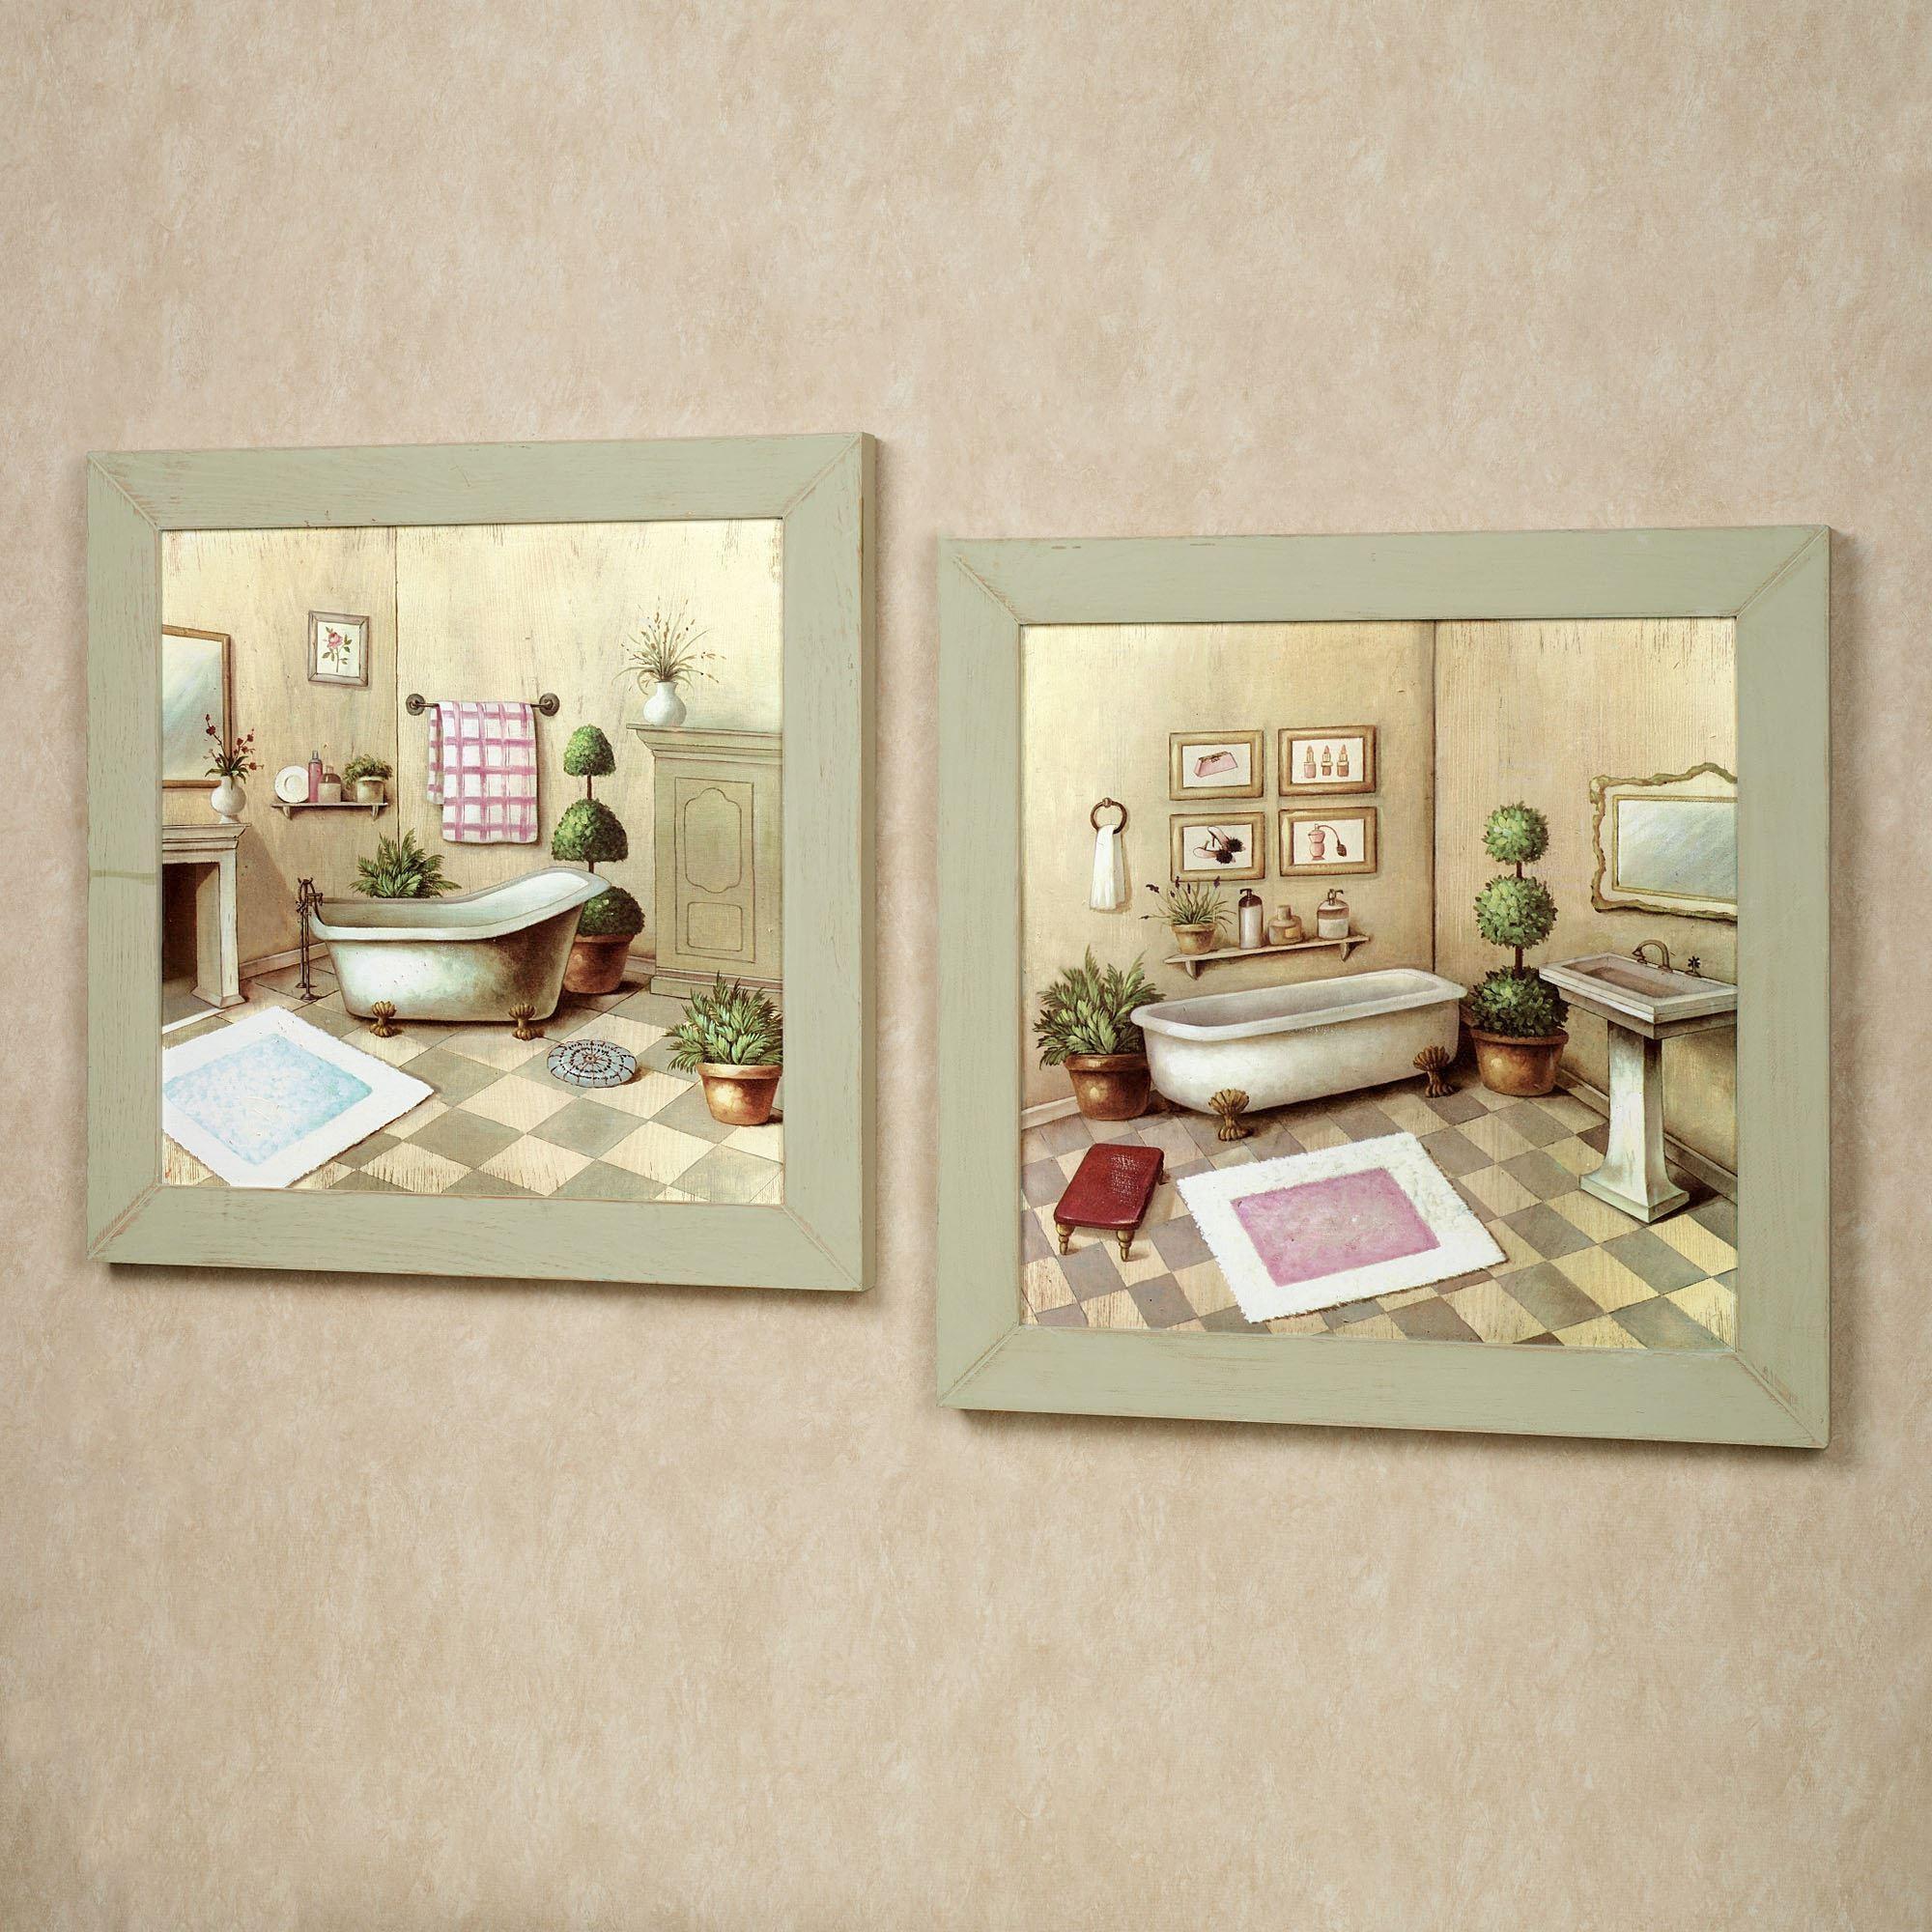 Framed Art For Bathroom, Framed Wall Art Decor For Bathroom Hobby With Wall Art For The Bathroom (View 13 of 20)